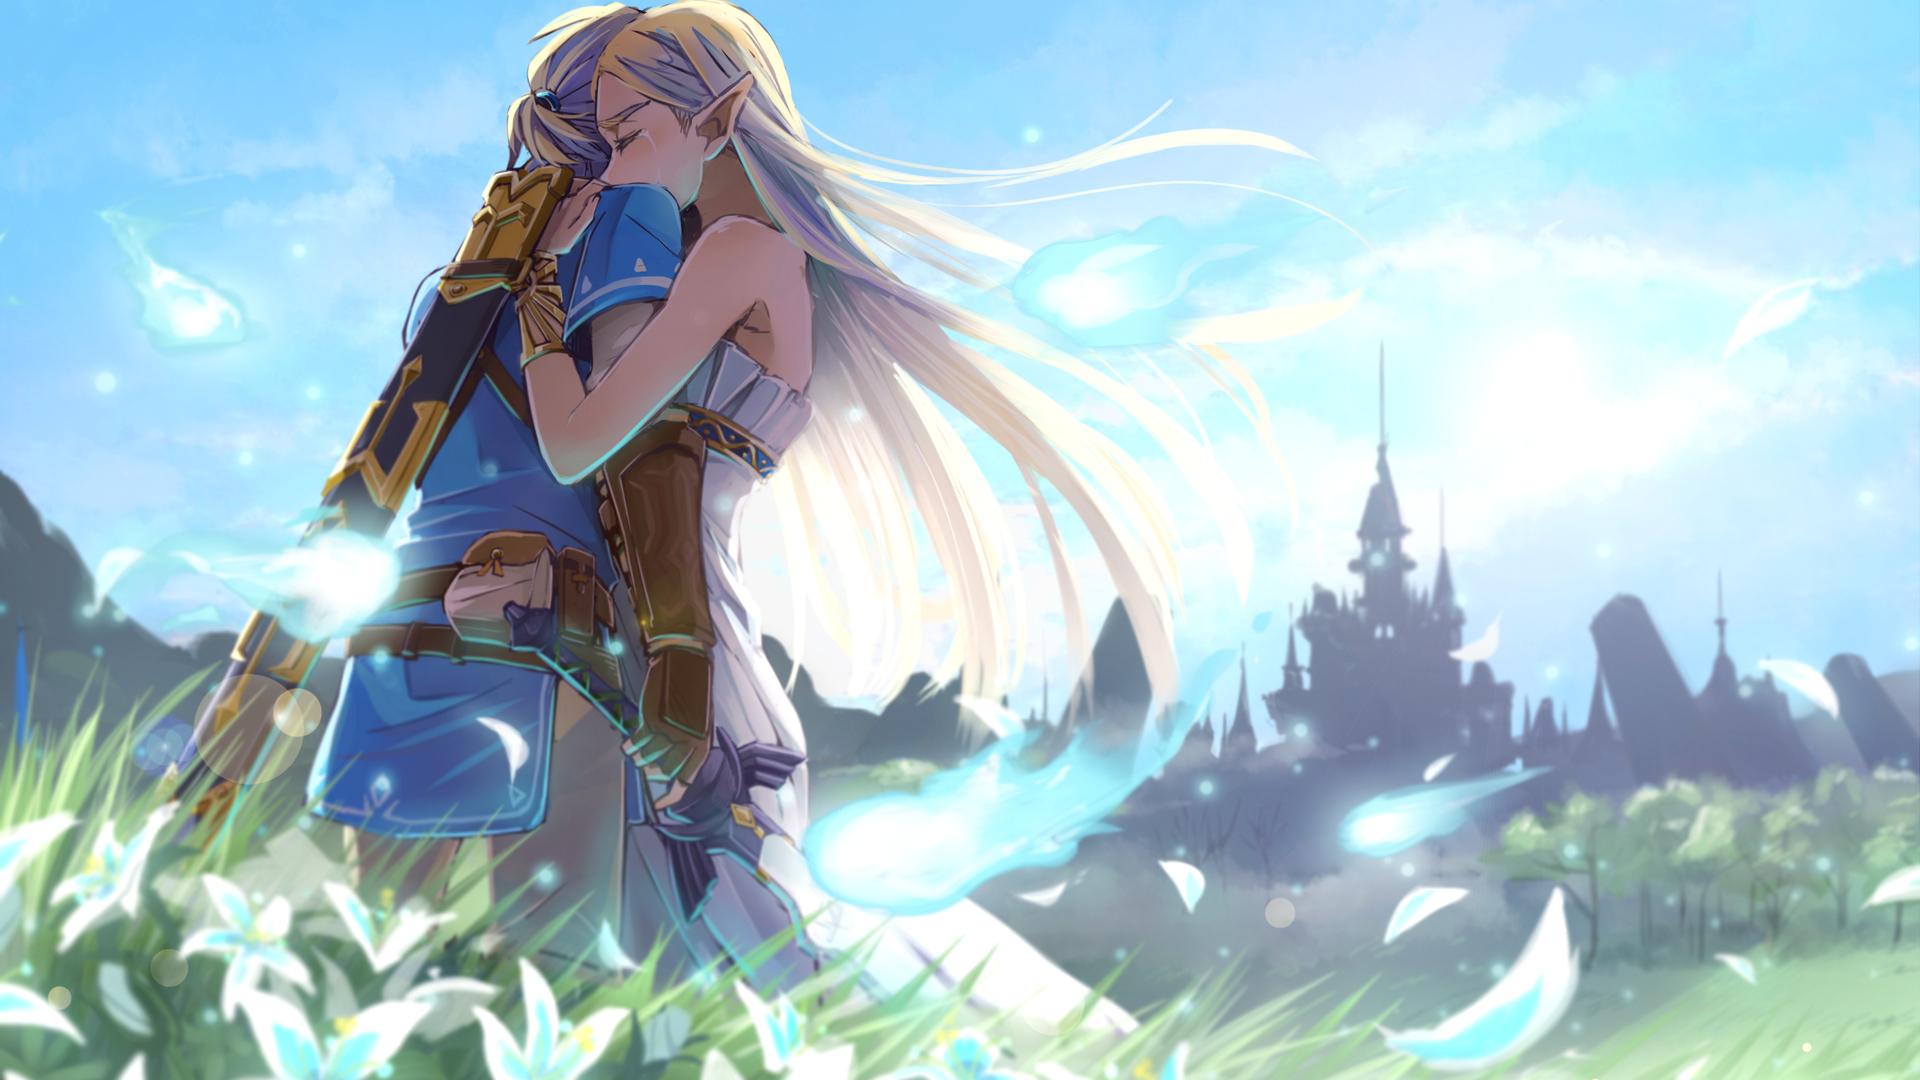 1080p Zelda Wallpaper: 1920x1080 The Legend Of Zelda Romantic Love Artwork Laptop